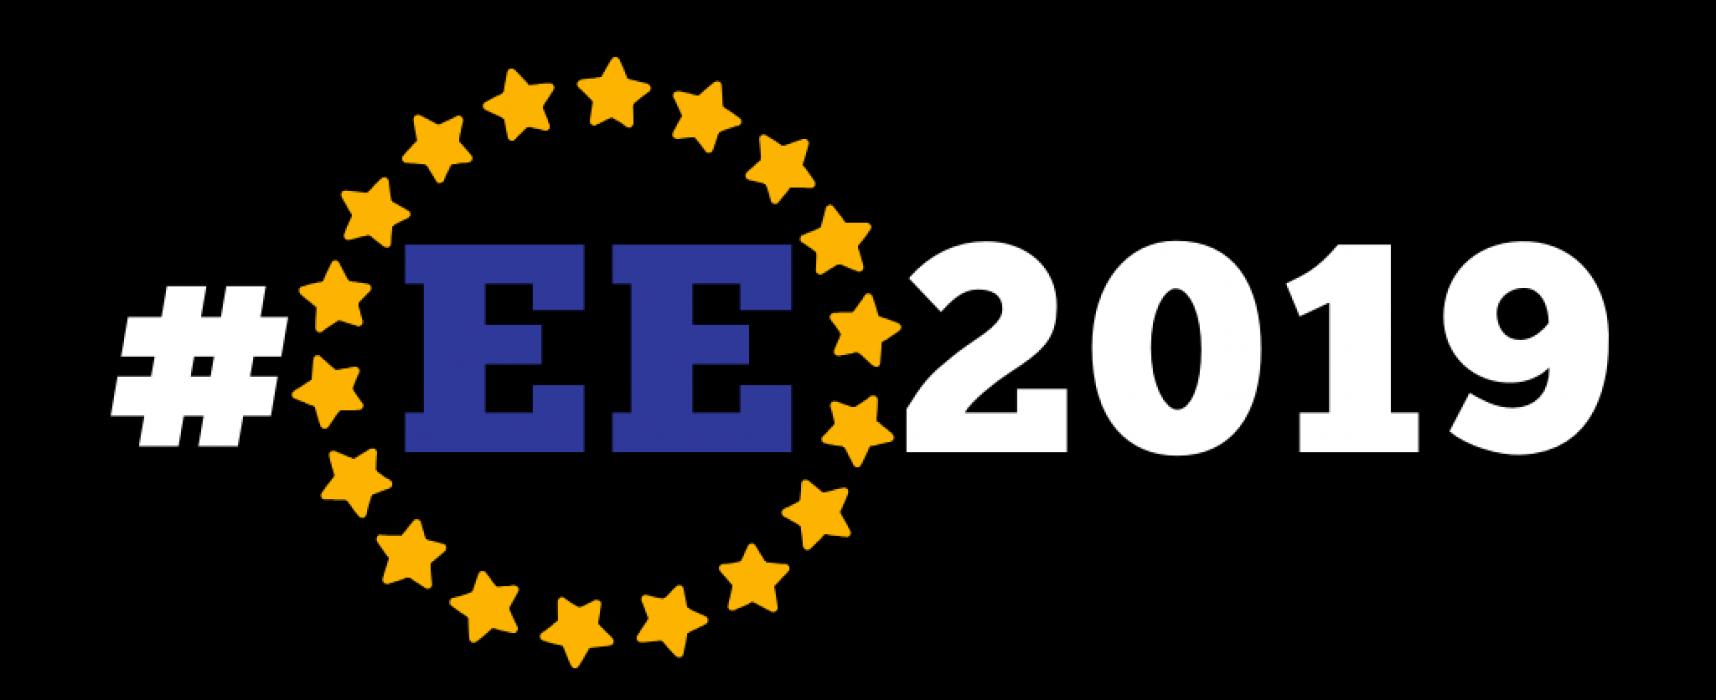 Вибори до Європейського Парламенту: Жнива того, що було посіяно